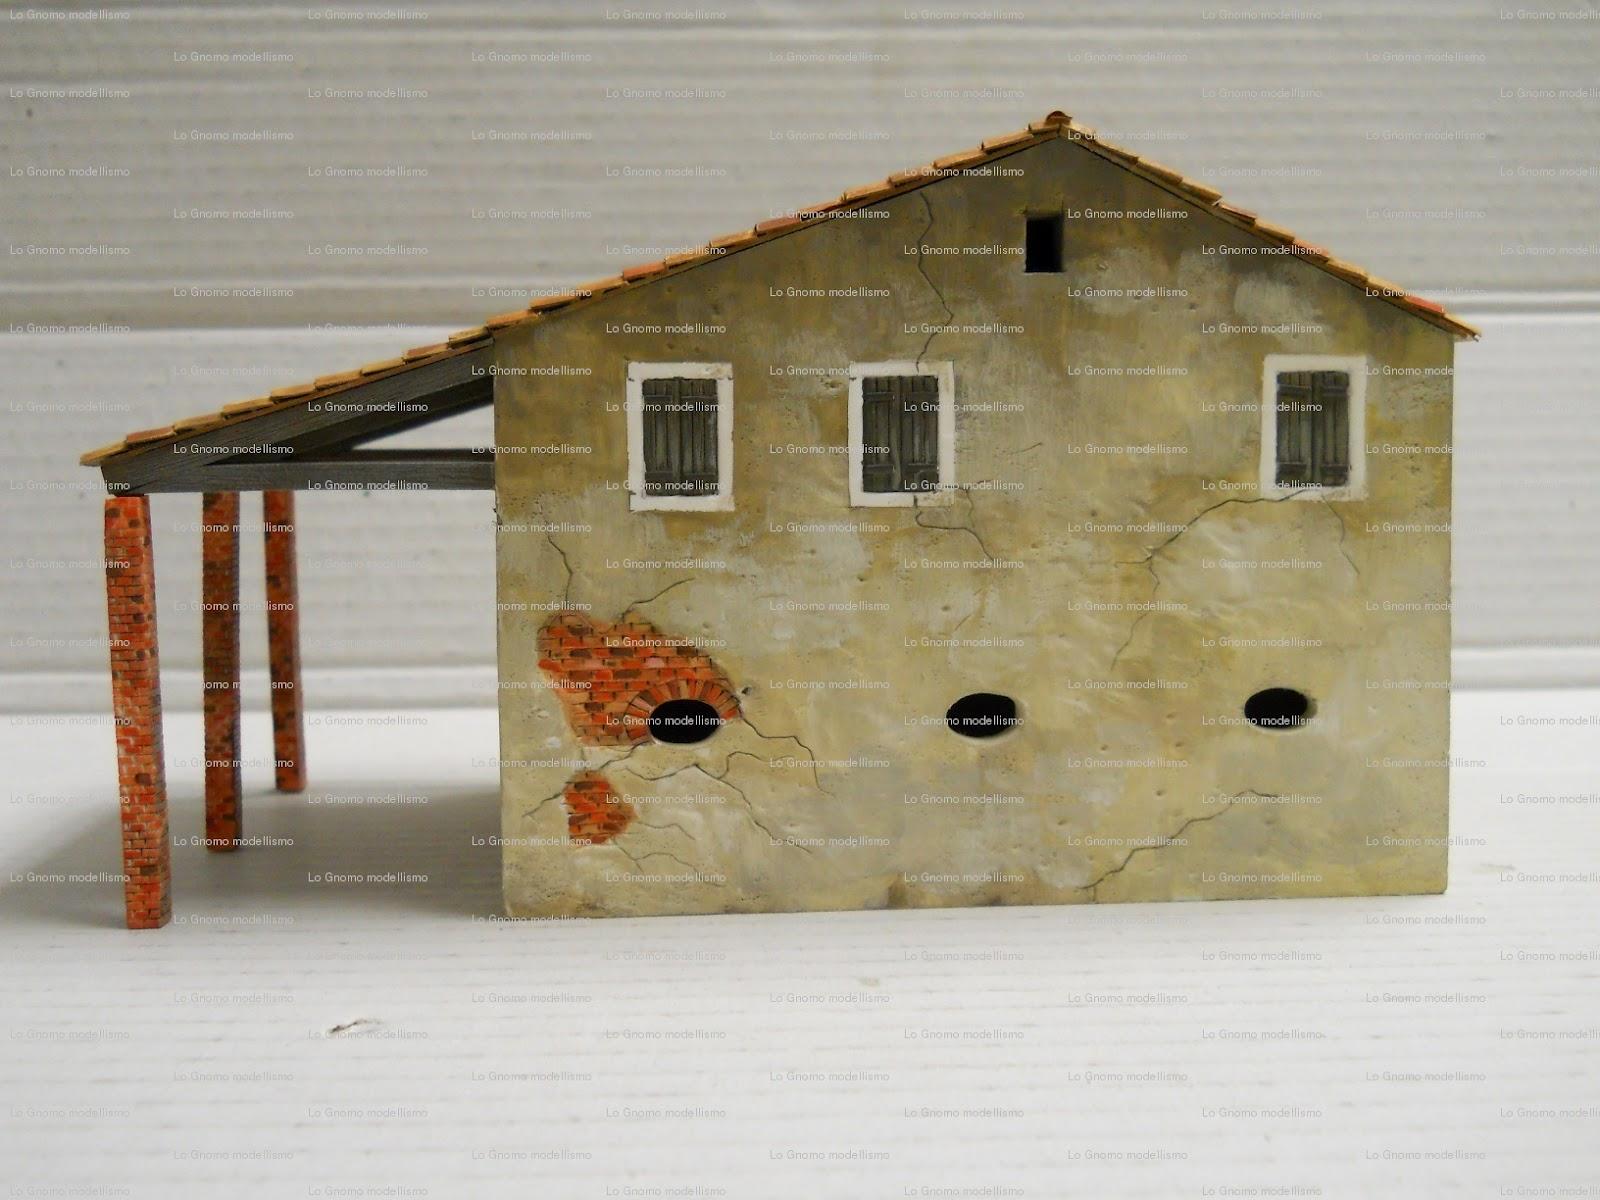 Lo gnomo hobby giochi modellismo nuove scenografie per for Nuove case con seminterrato di sciopero